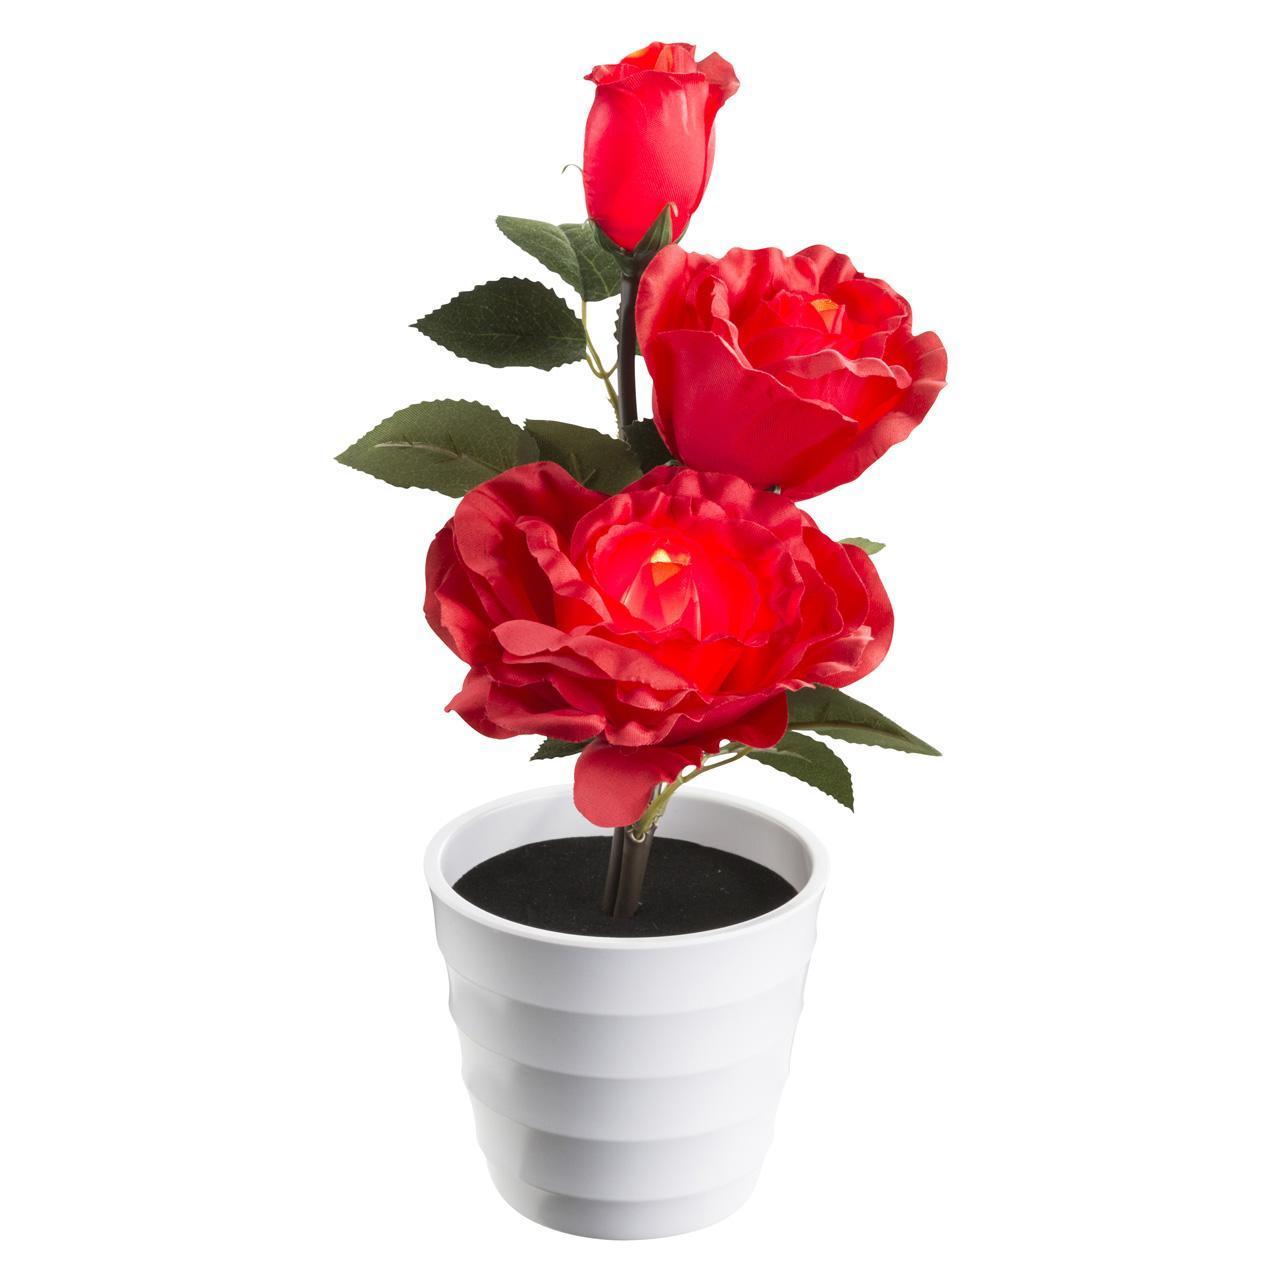 Настольная лампа декоративная Роза тройная Globo Orphelia 28026 globo настольная лампа globo orphelia 28024 page 8